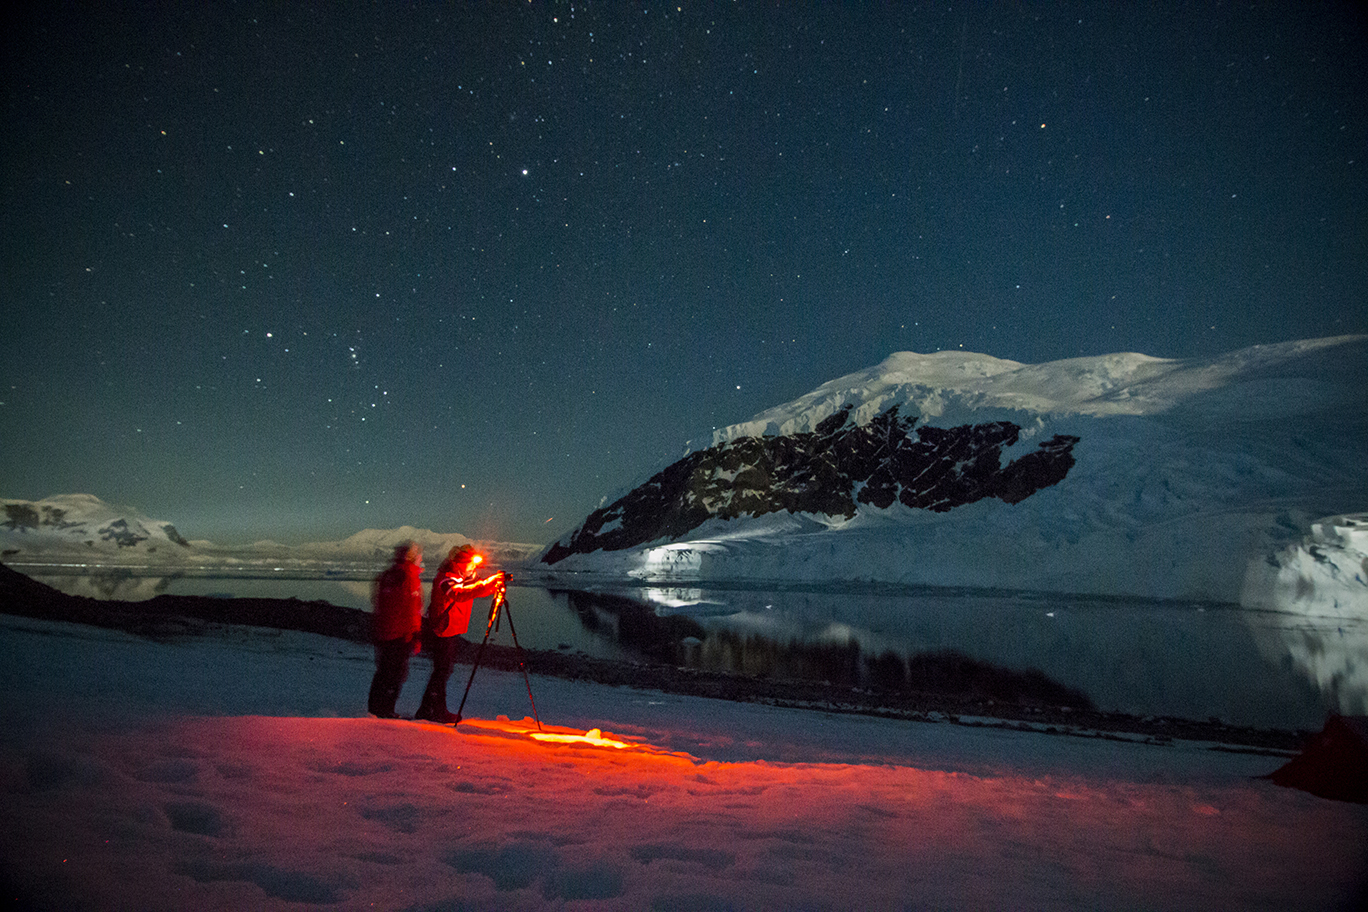 полярная ночь в антарктиде фото вещей конечно